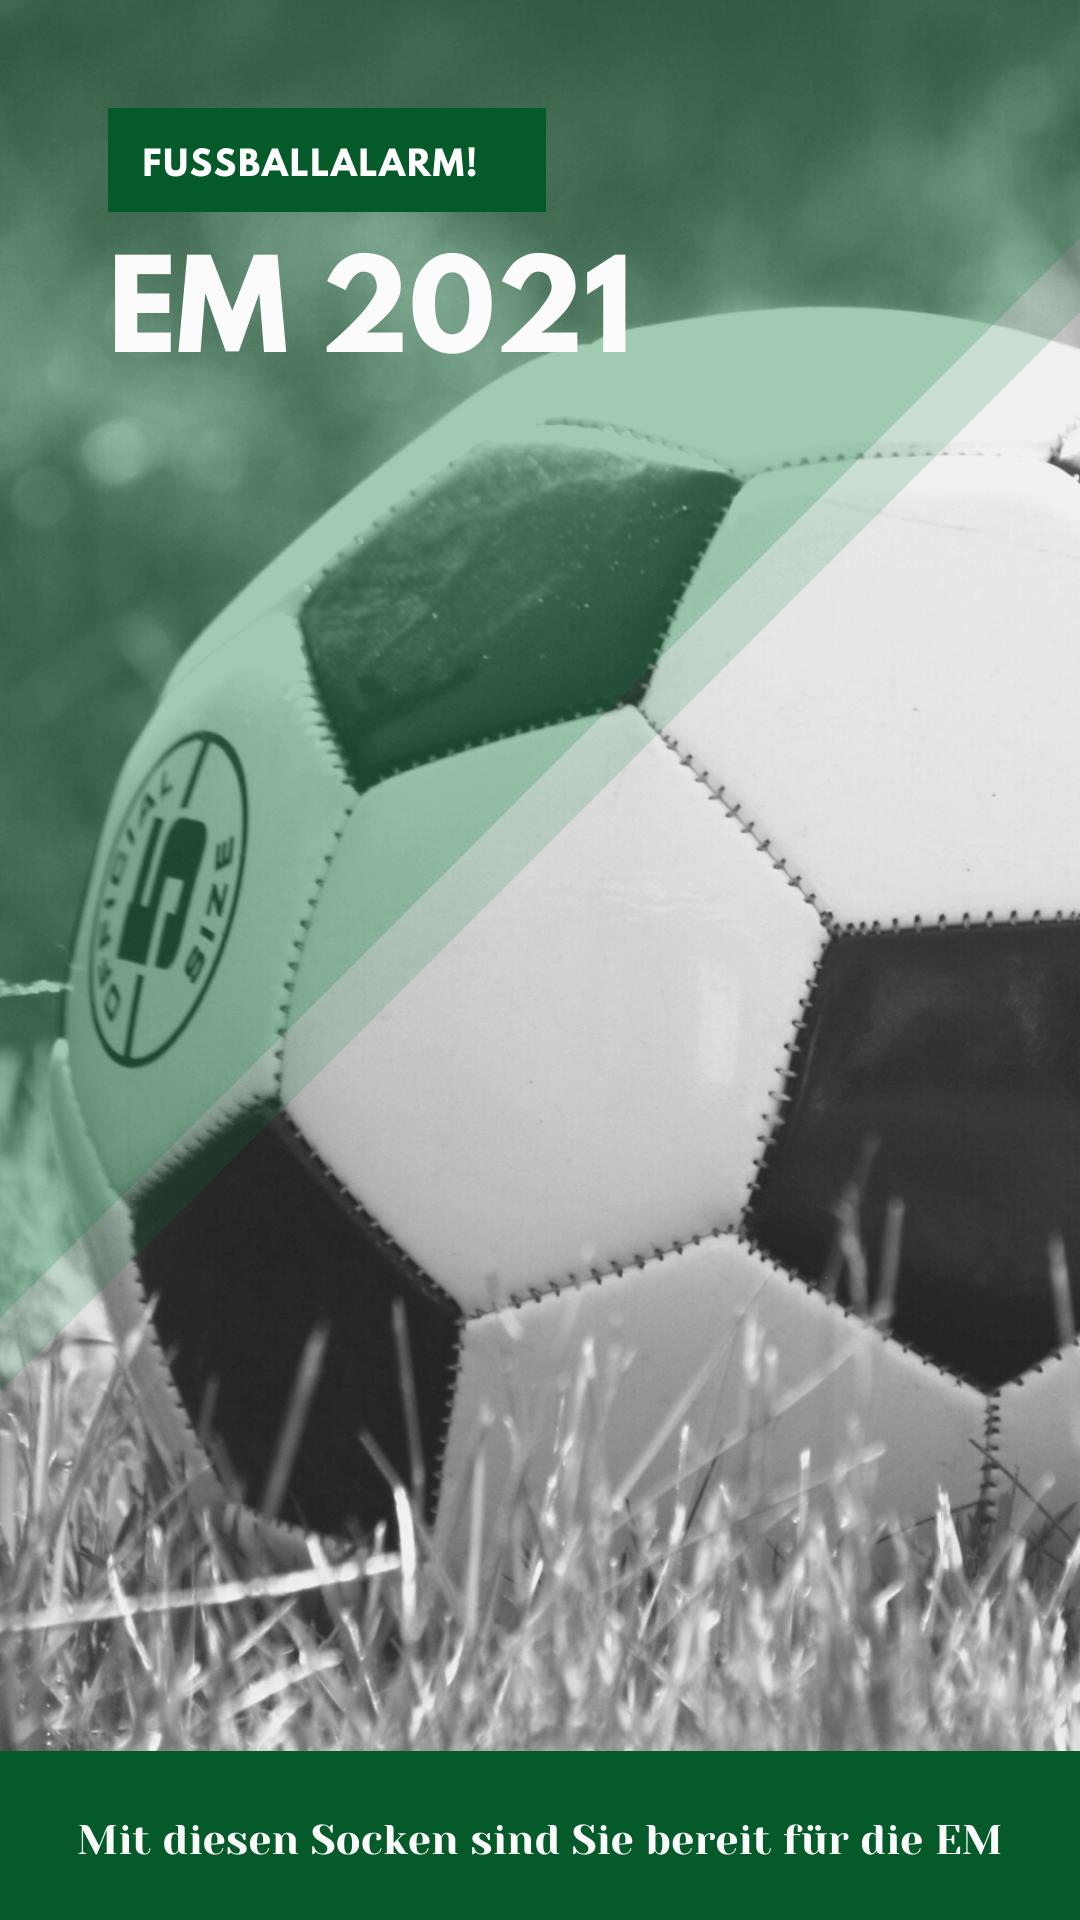 Fußballalarm: mit diesen Socken sind Sie bereit für die EM